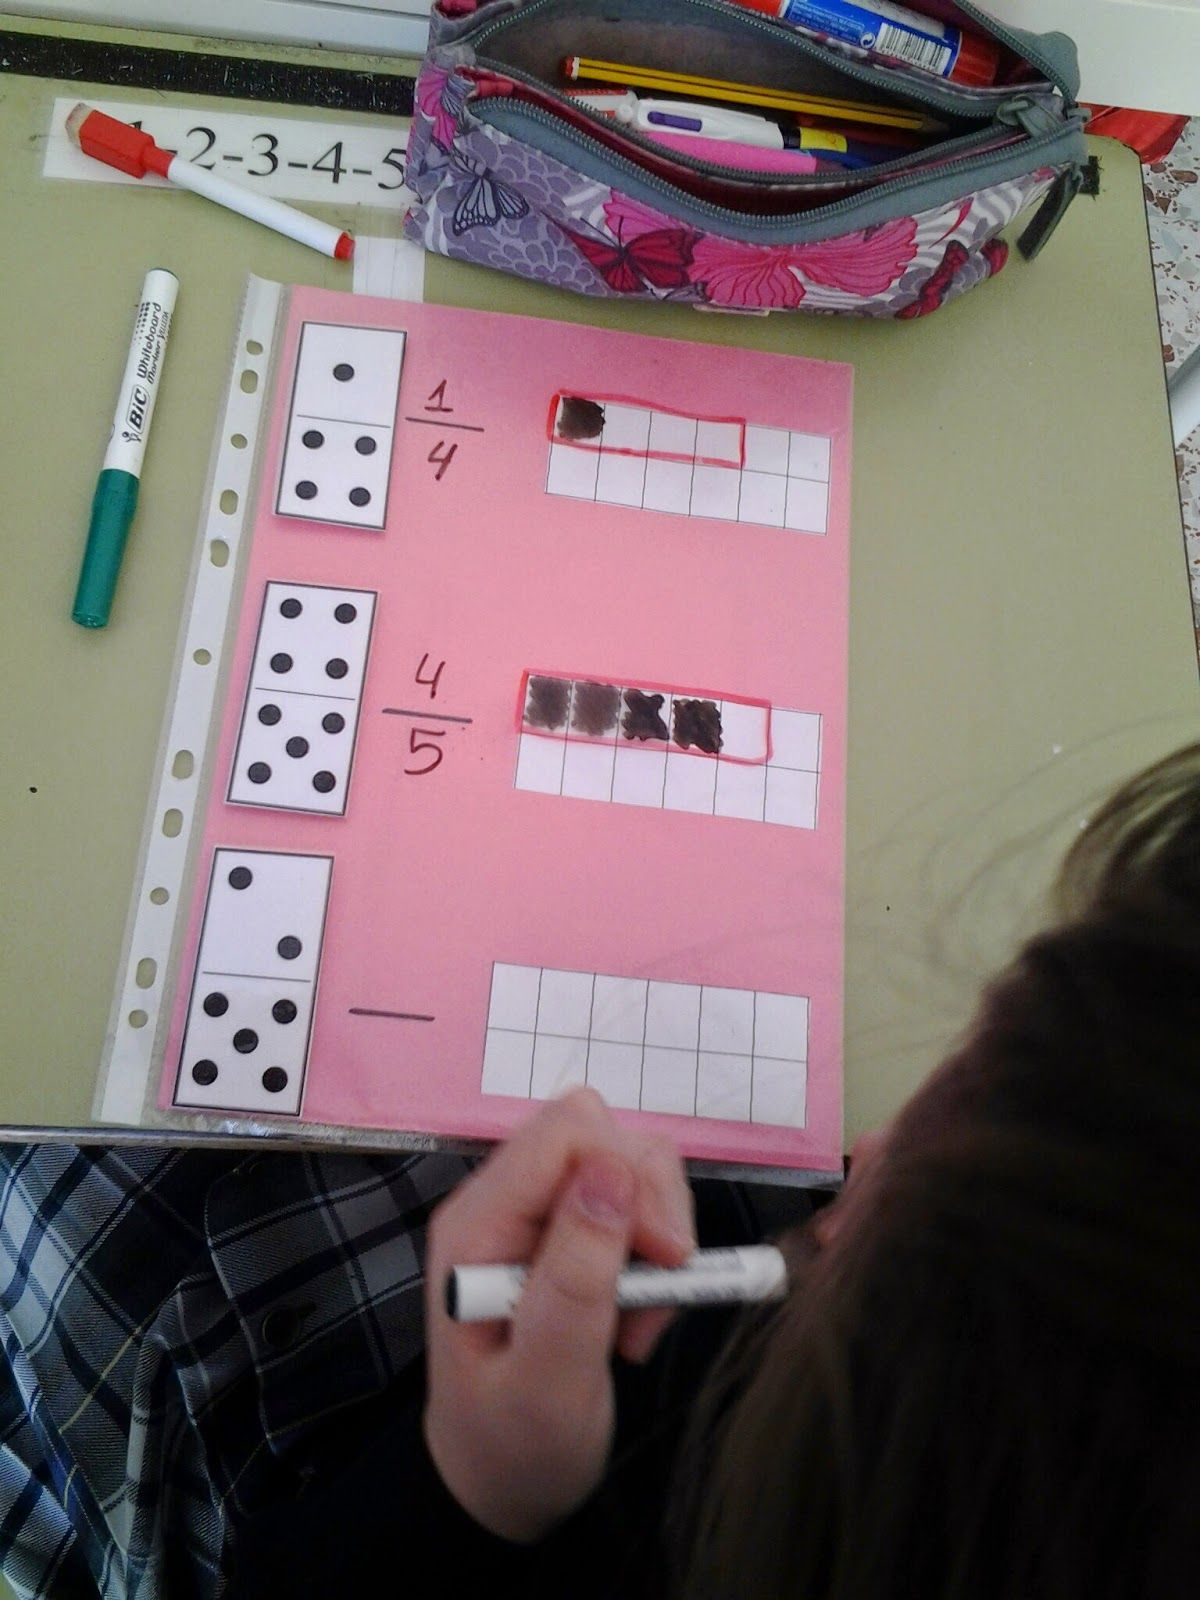 Hago Y Comprendo Fracciones Domino Ideas Para La Escuela